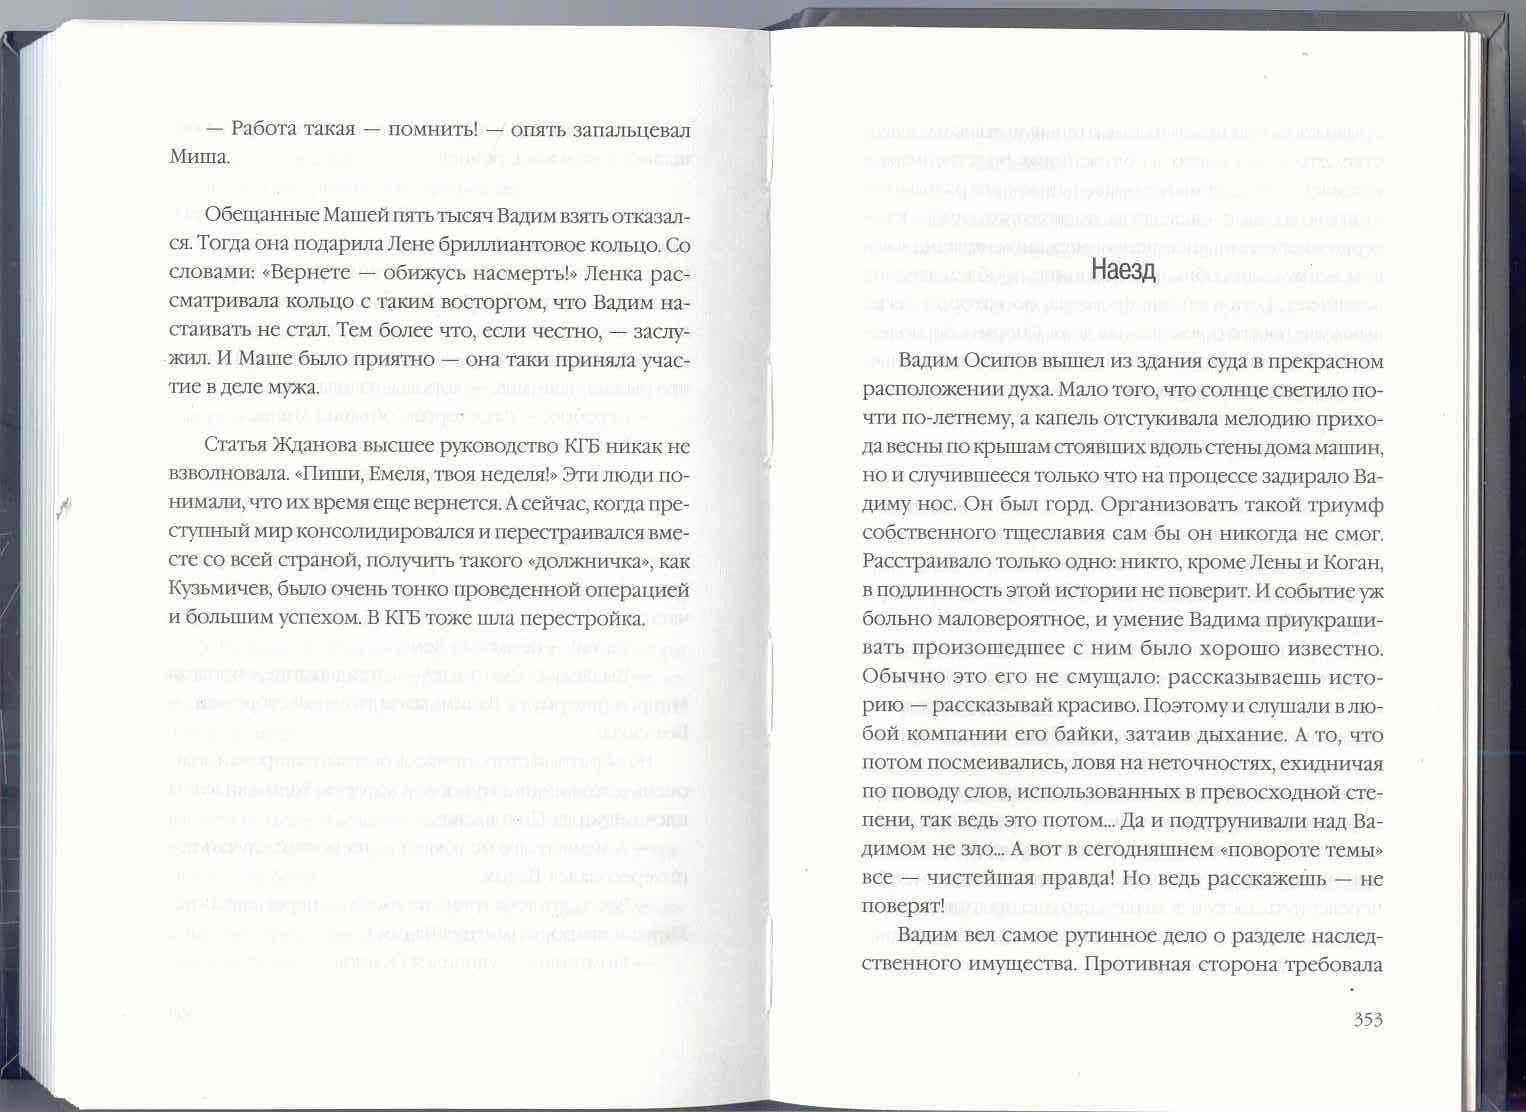 Иллюстрация 1 из 2 для Автор тот же - Михаил Барщевский | Лабиринт - книги. Источник: Бородаенко  Наталья Васильевна